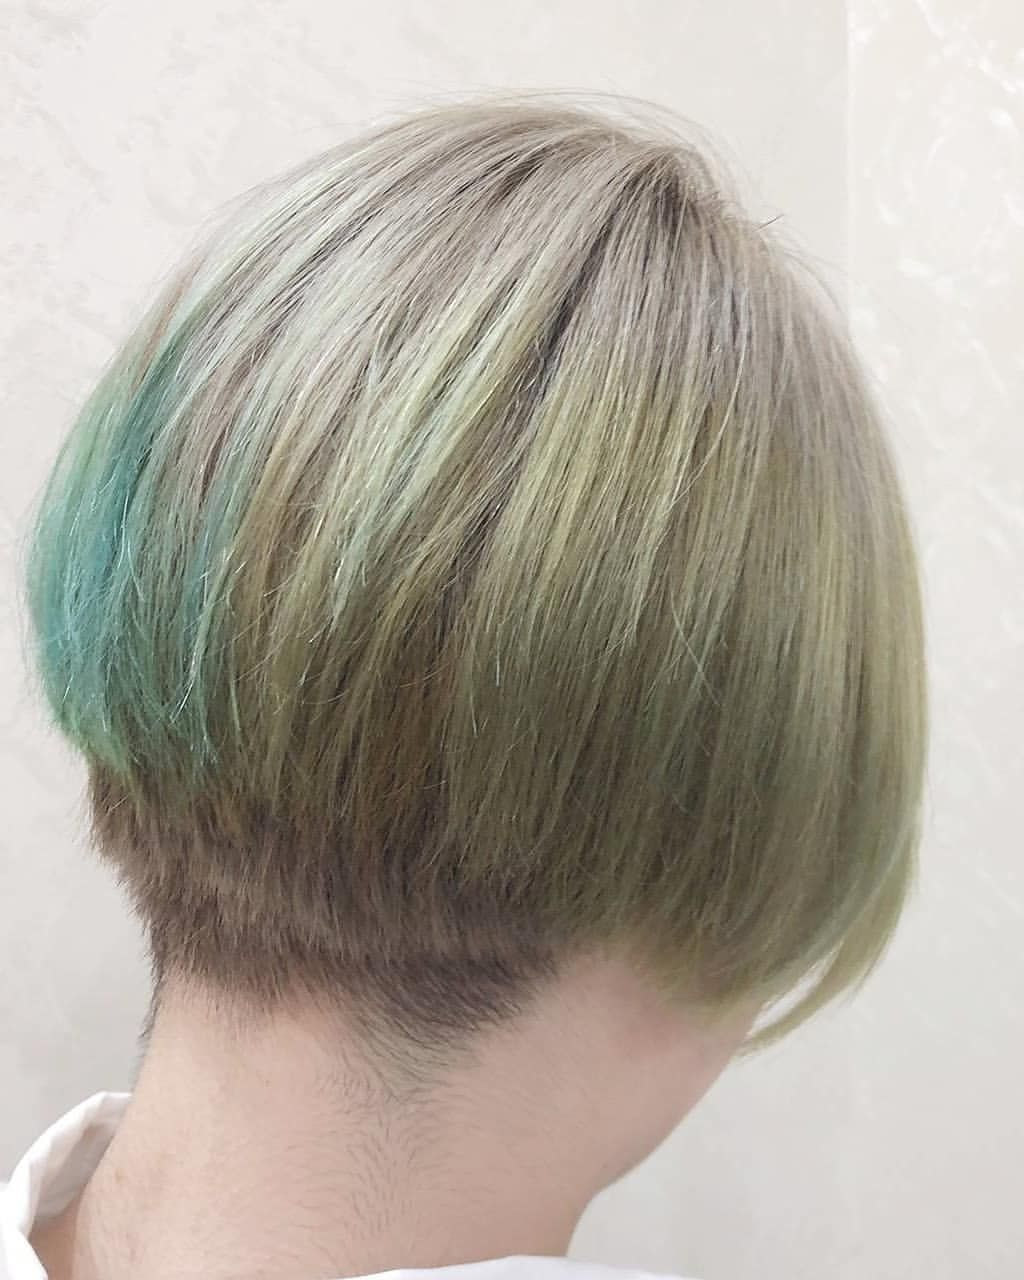 ワかサゆウなさんはinstagramを利用しています ツートンカラー ツートンヘア ツートンカラー ショート女子 ショートボブ 刈り上げ 刈り上げ女子 ハイトーンカラー デザインカラー グリーンカラー エメラルドグリーン イエローカラー イエ ショート